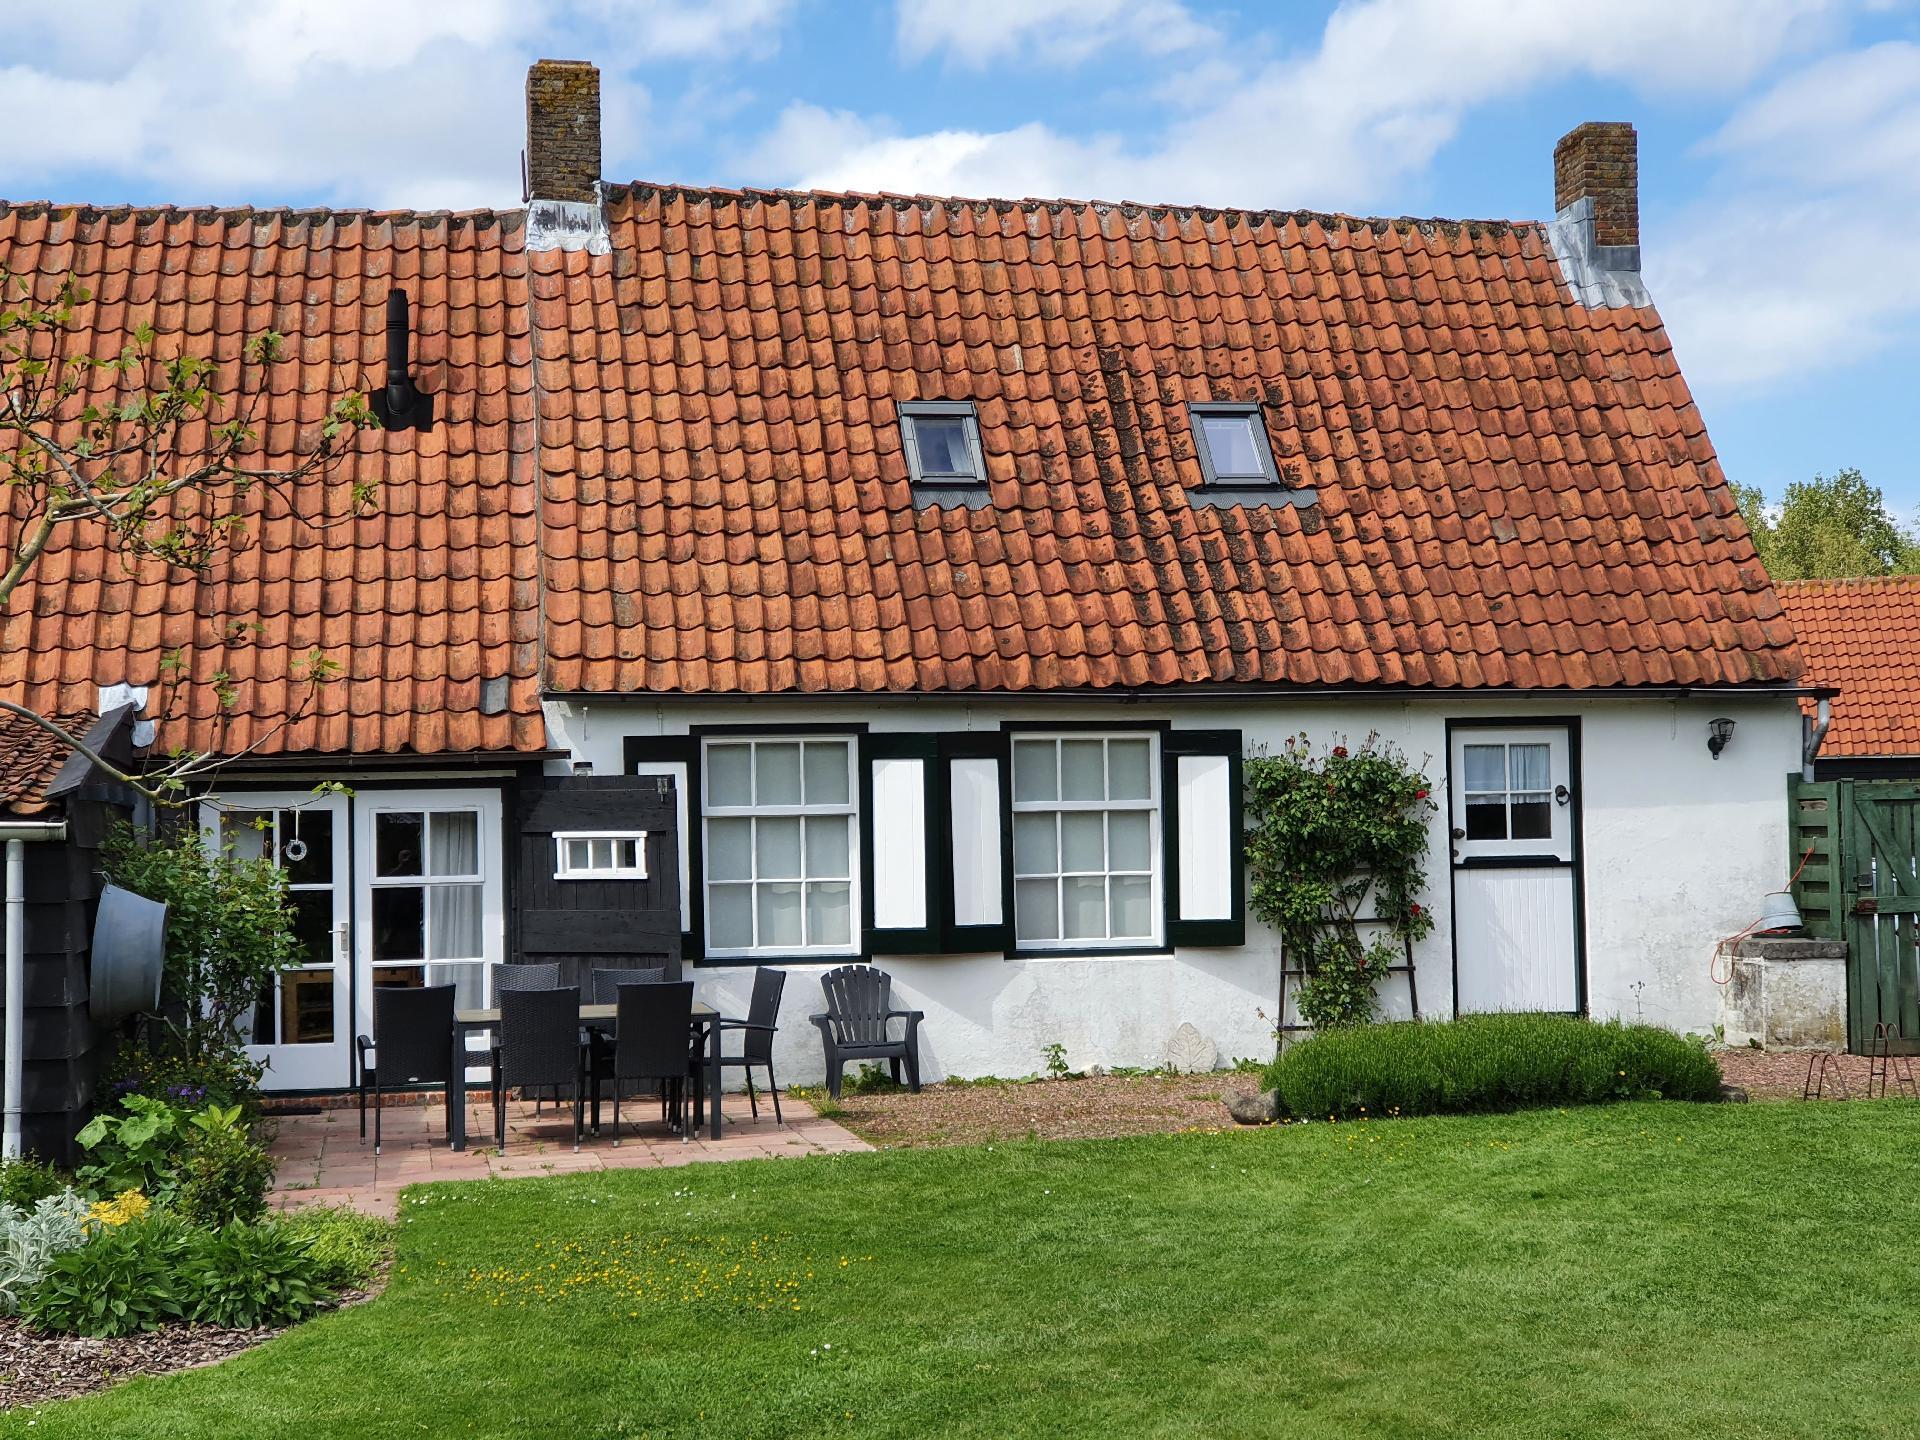 Ferienhaus für 5 Personen ca 90 m² in Gapinge Zeeland Küste von Zeeland